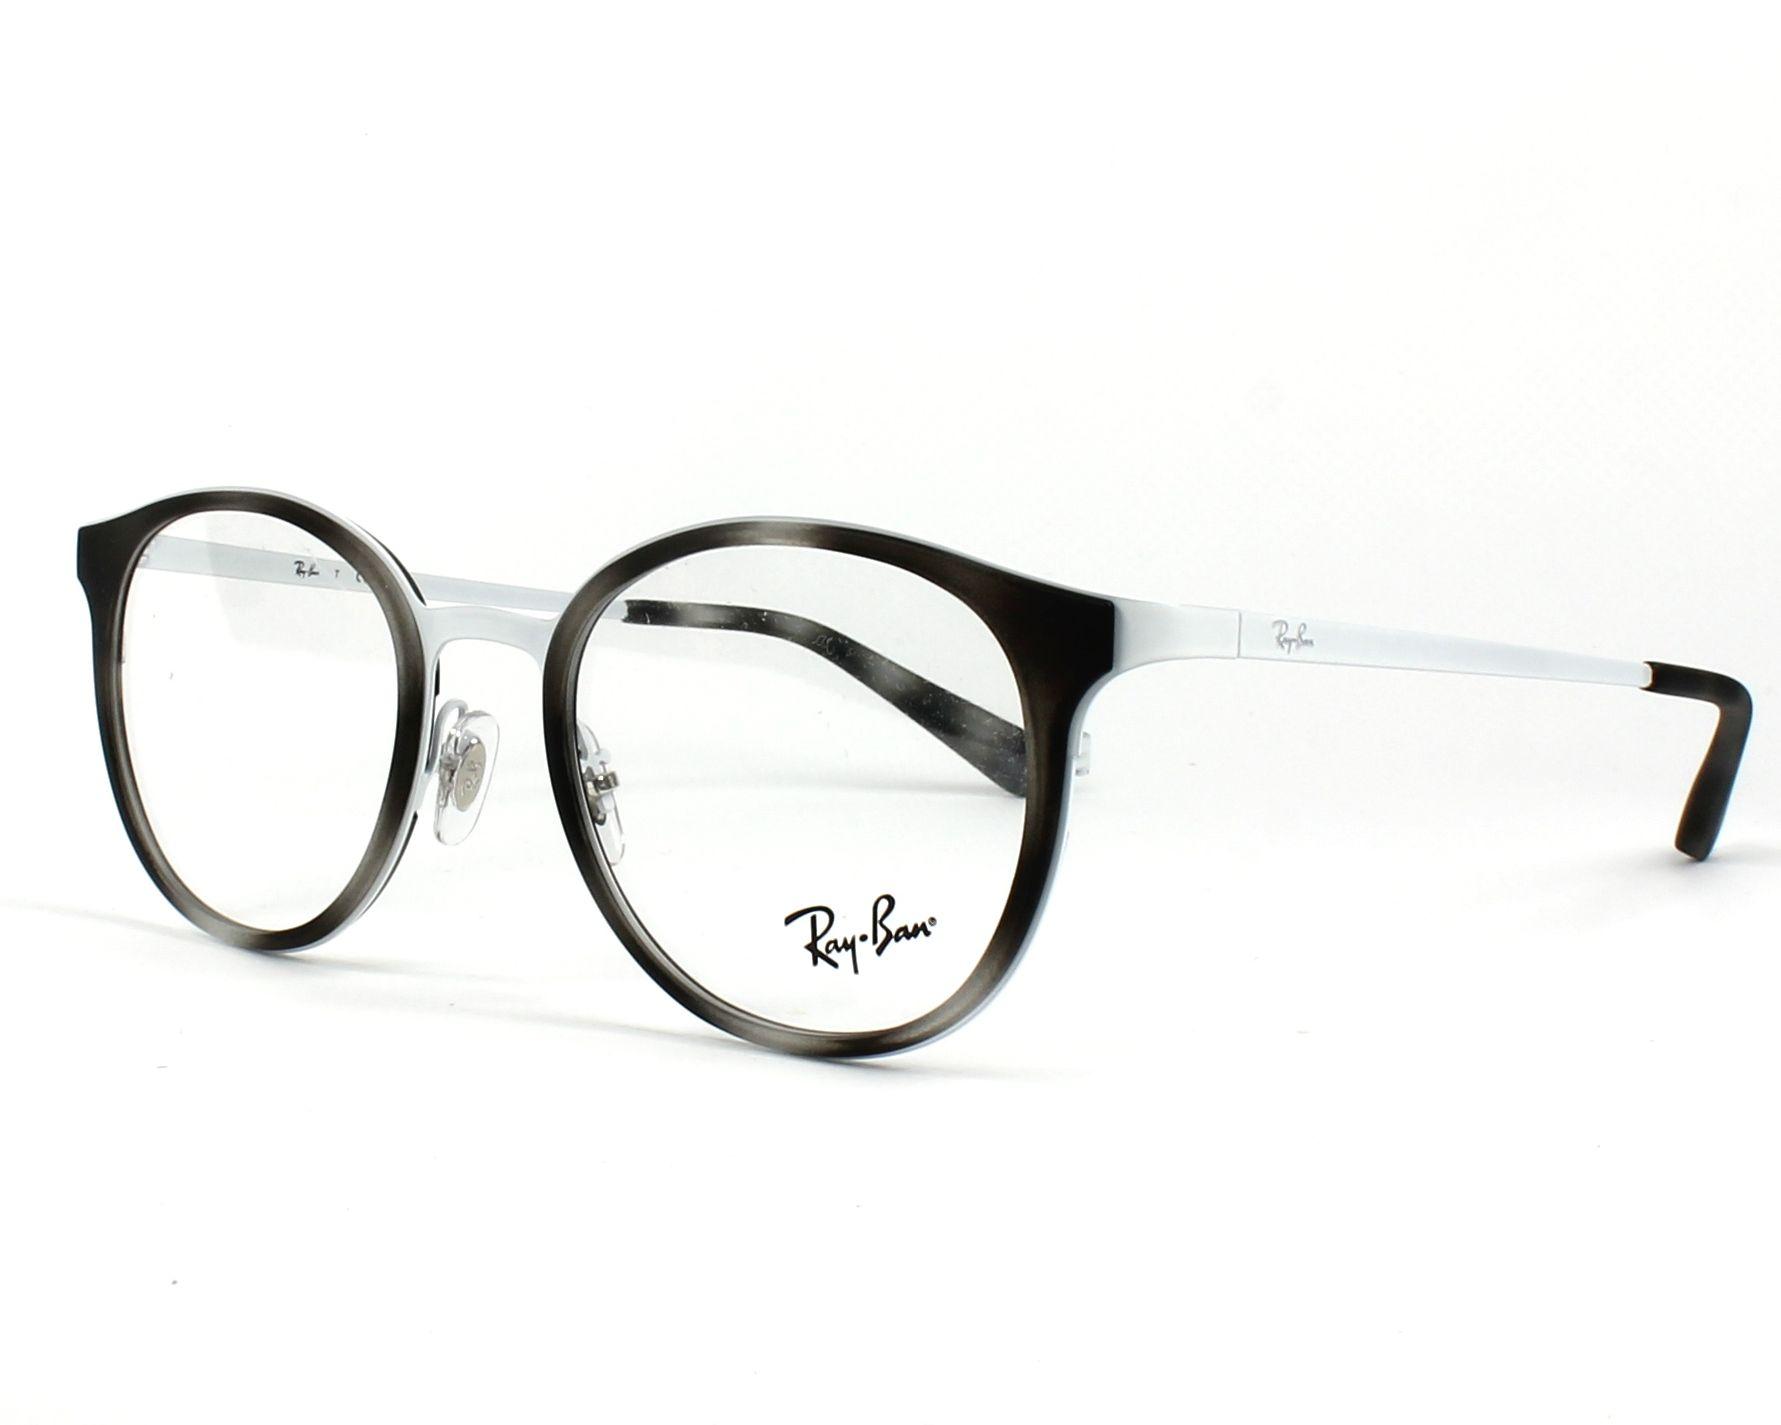 lunette de vue ray ban grise